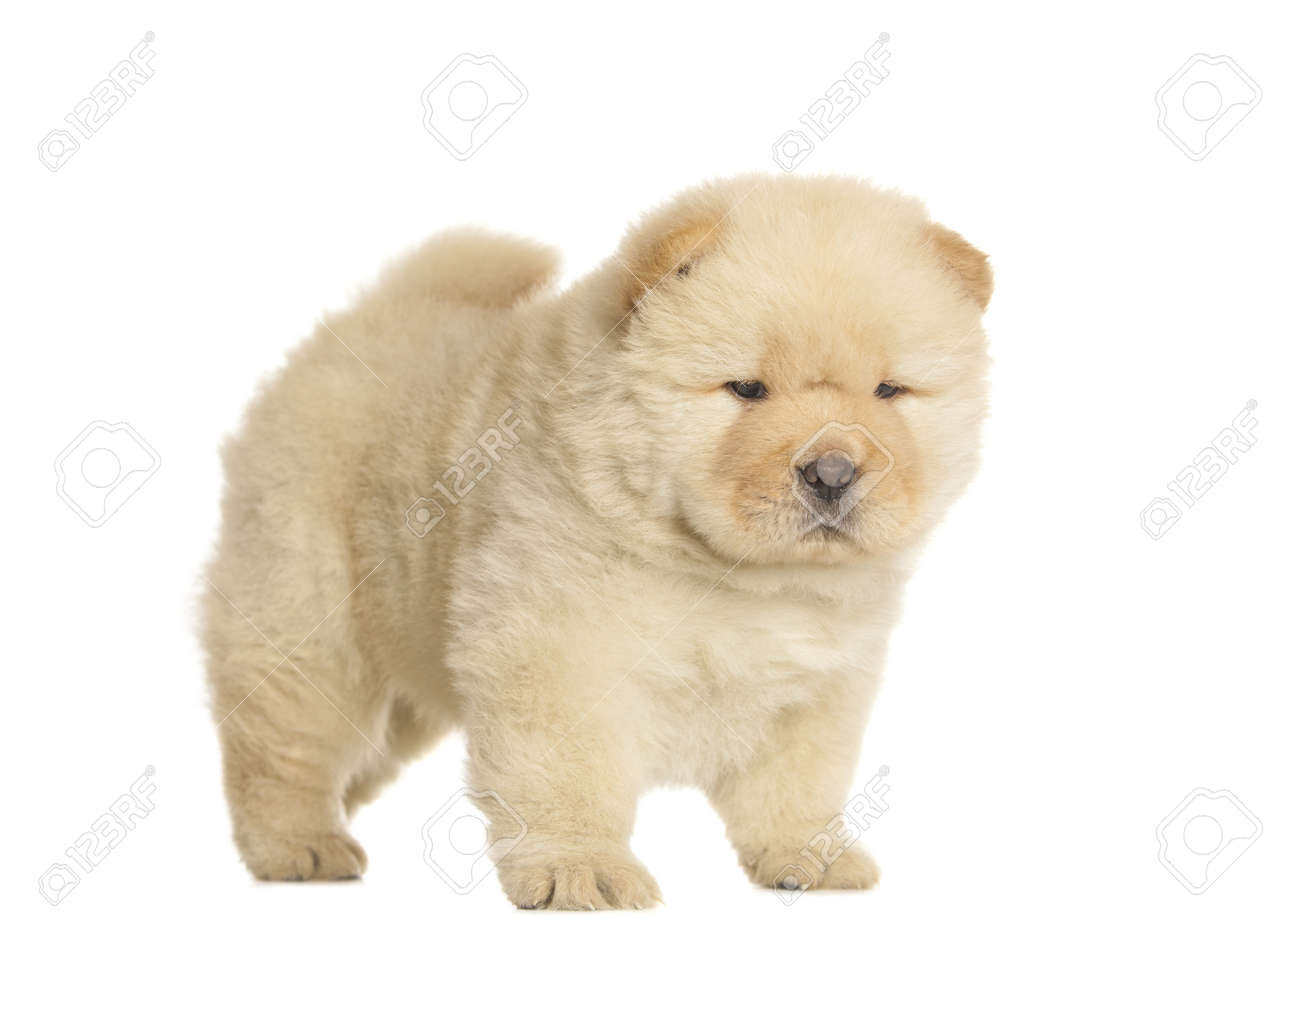 Pluizige Chow Chow Pup Geisoleerd Op Witte Achtergrond Royalty Vrije